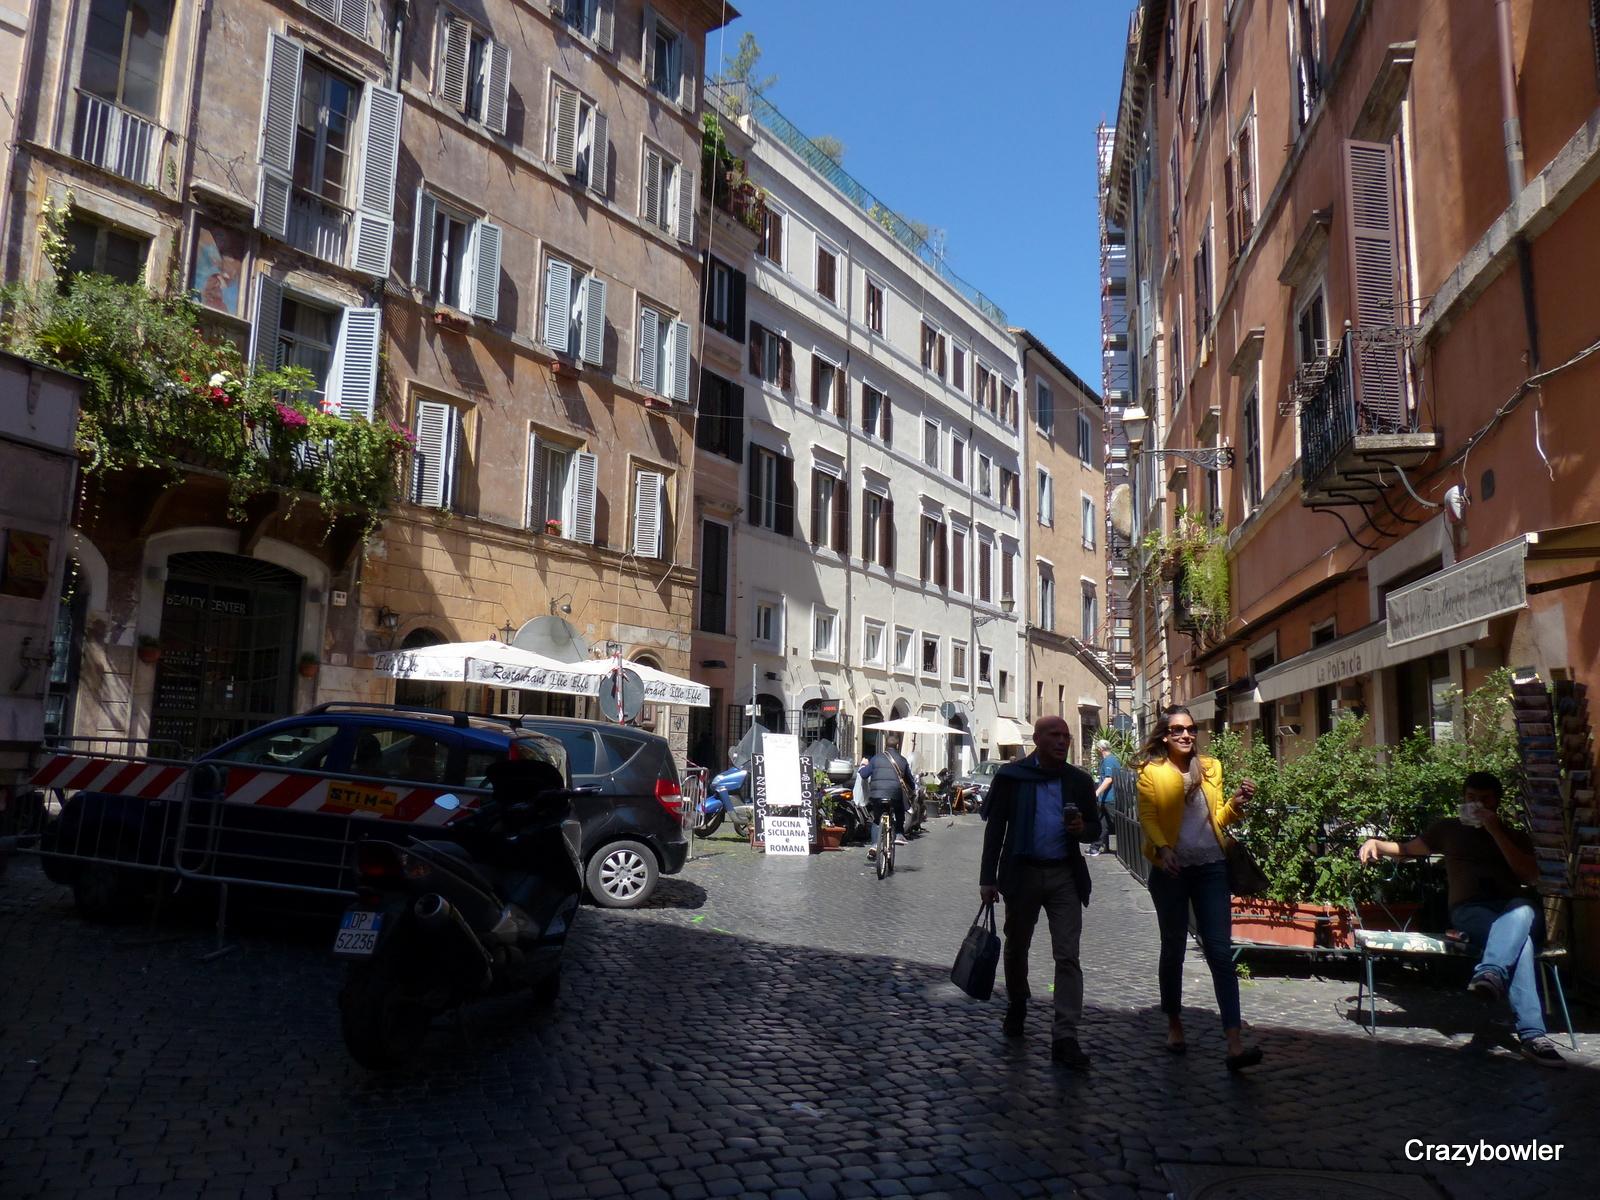 ポッラロラ広場(Piazza Pollarola)